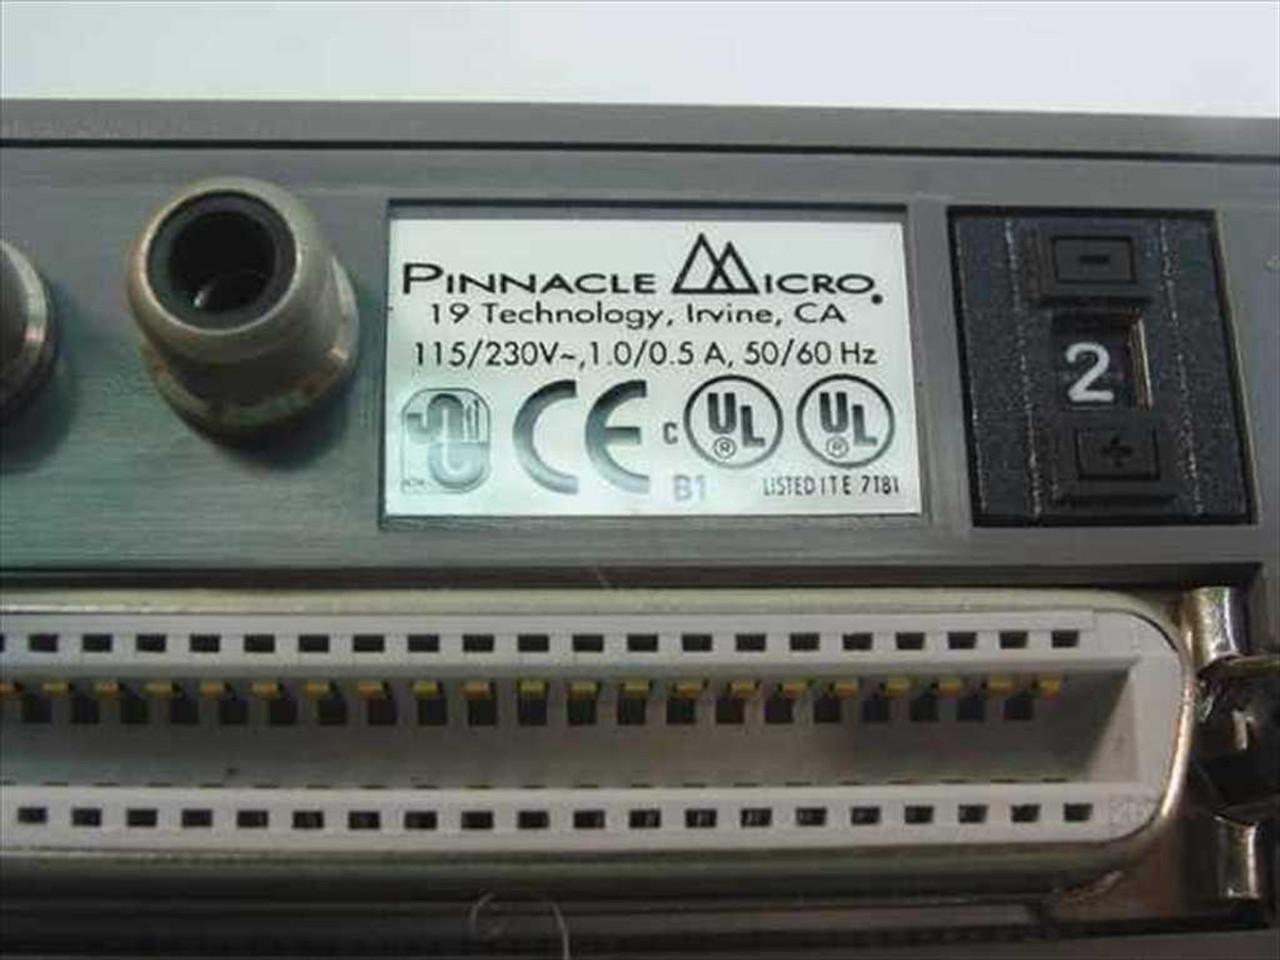 Pinnaclemicro RCD-5040 64x